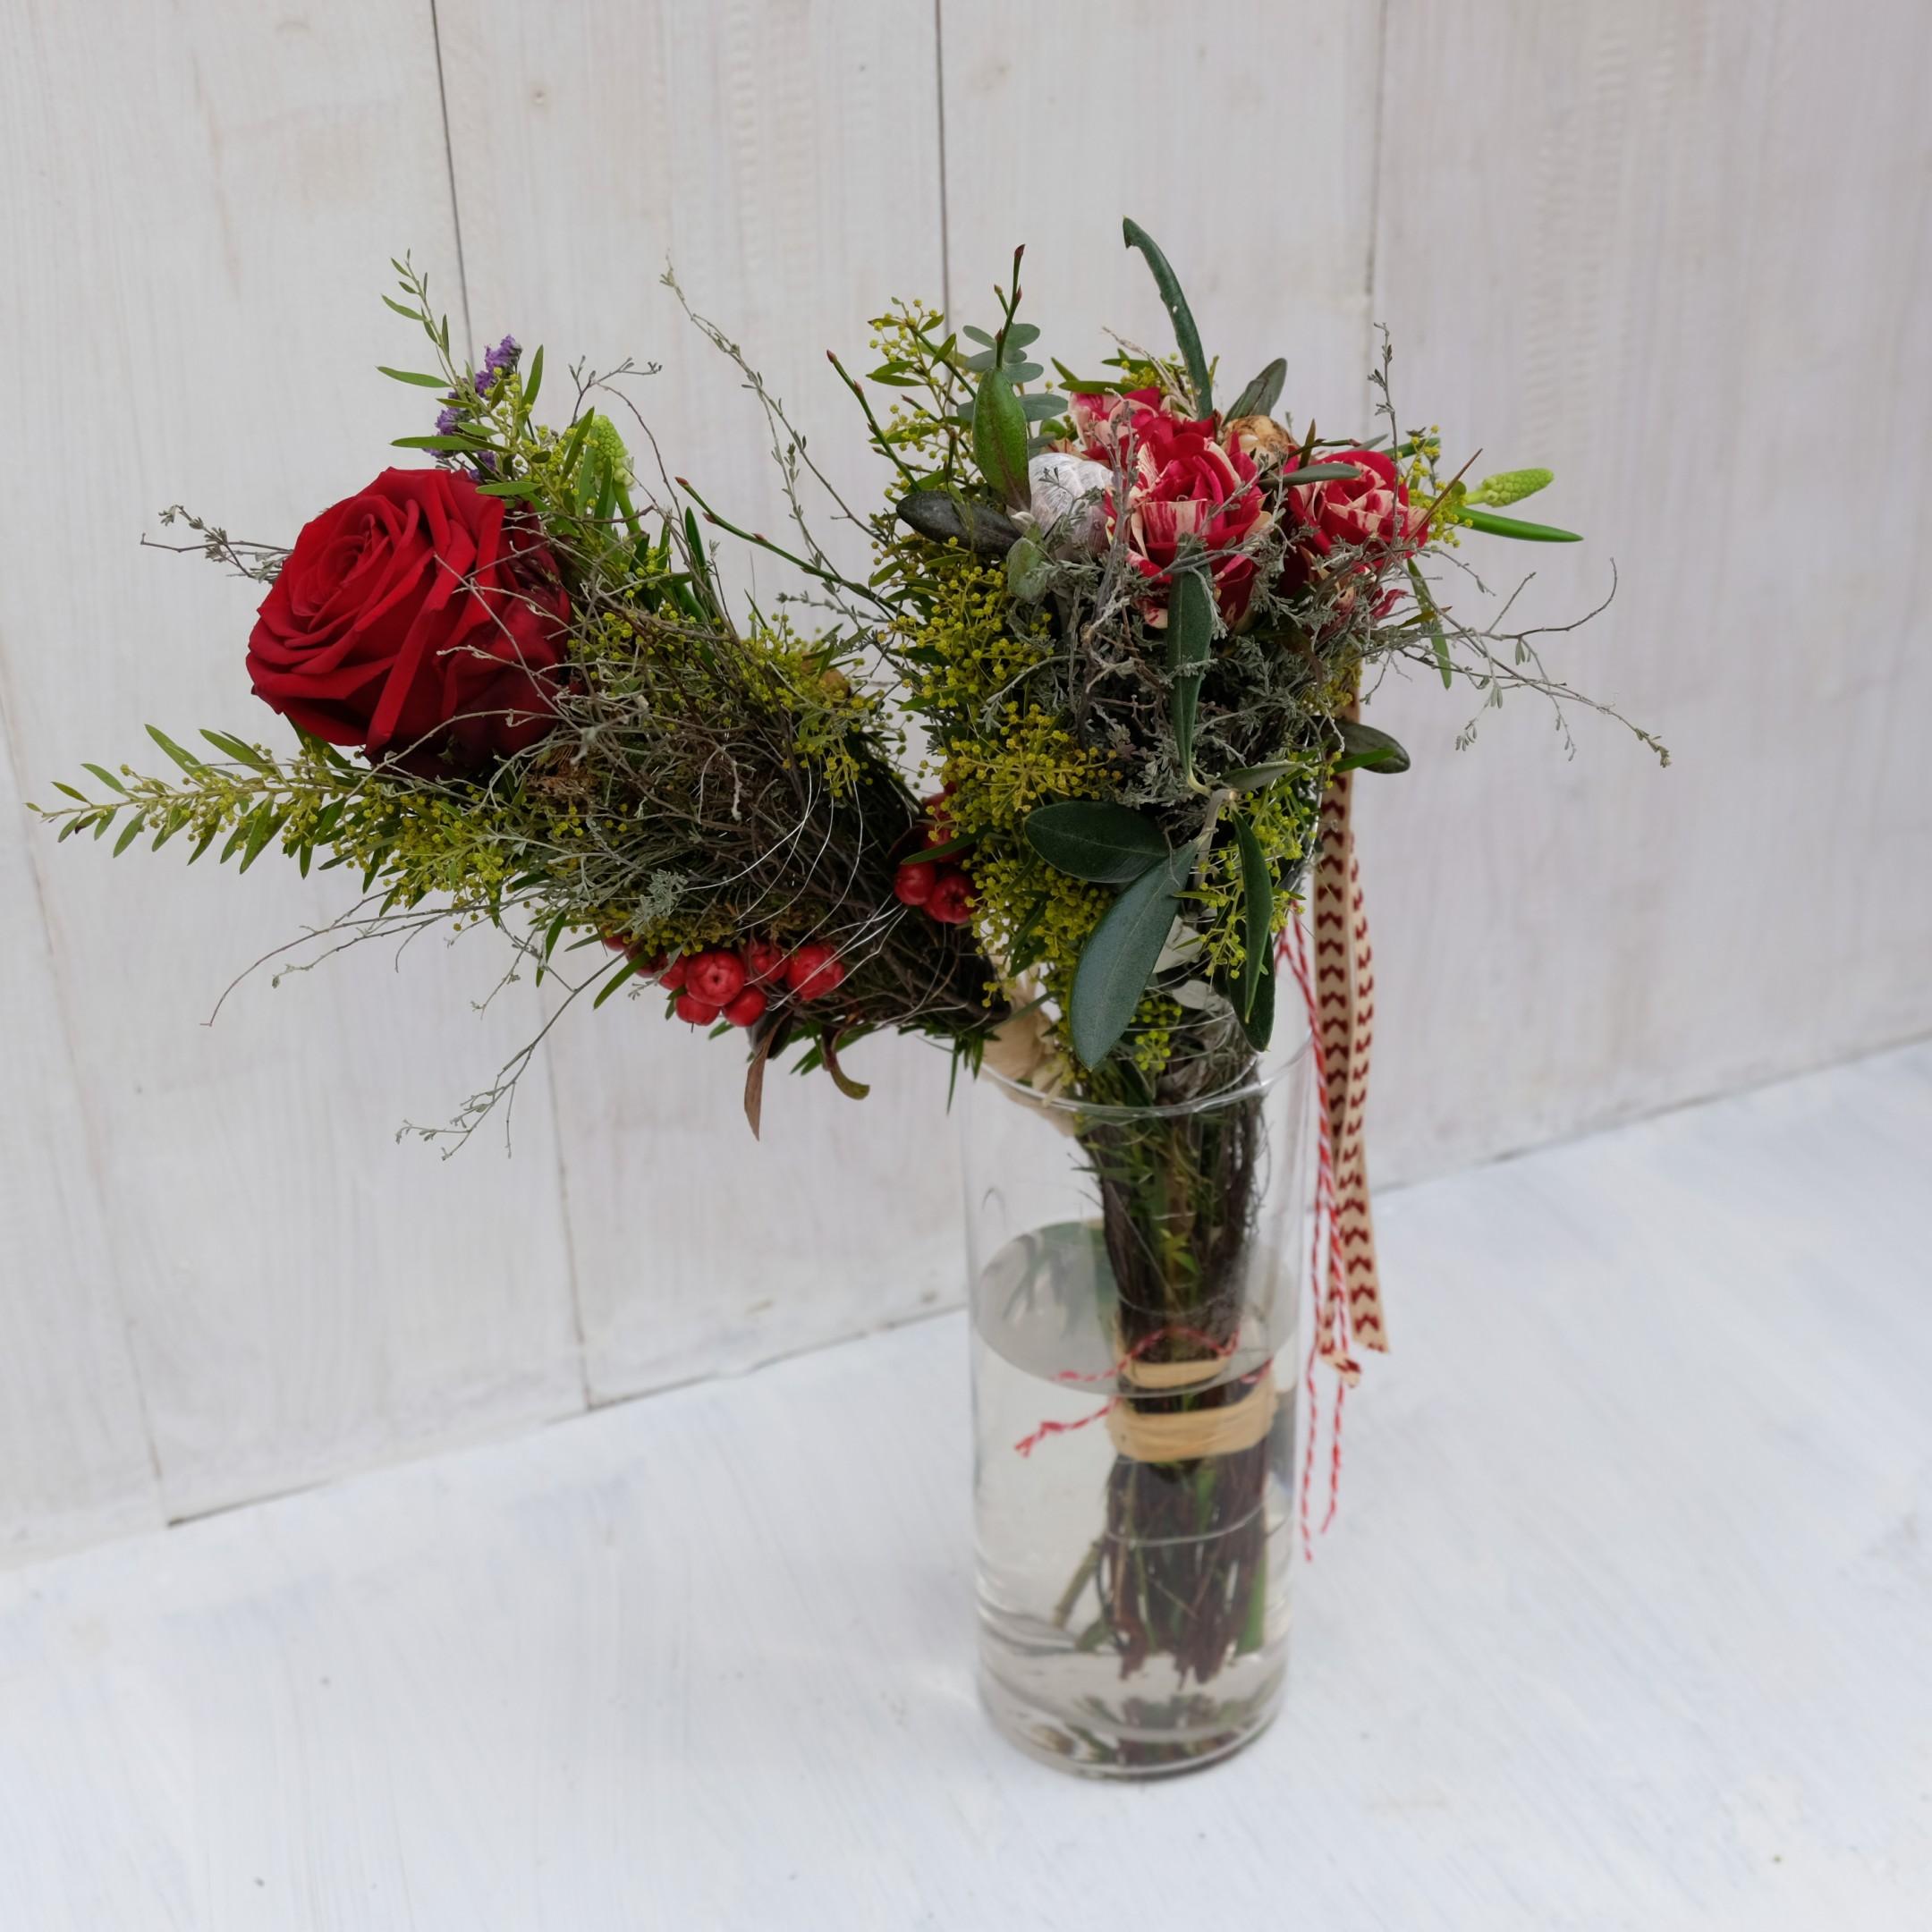 Rose liebevoll verpackt Bild 5